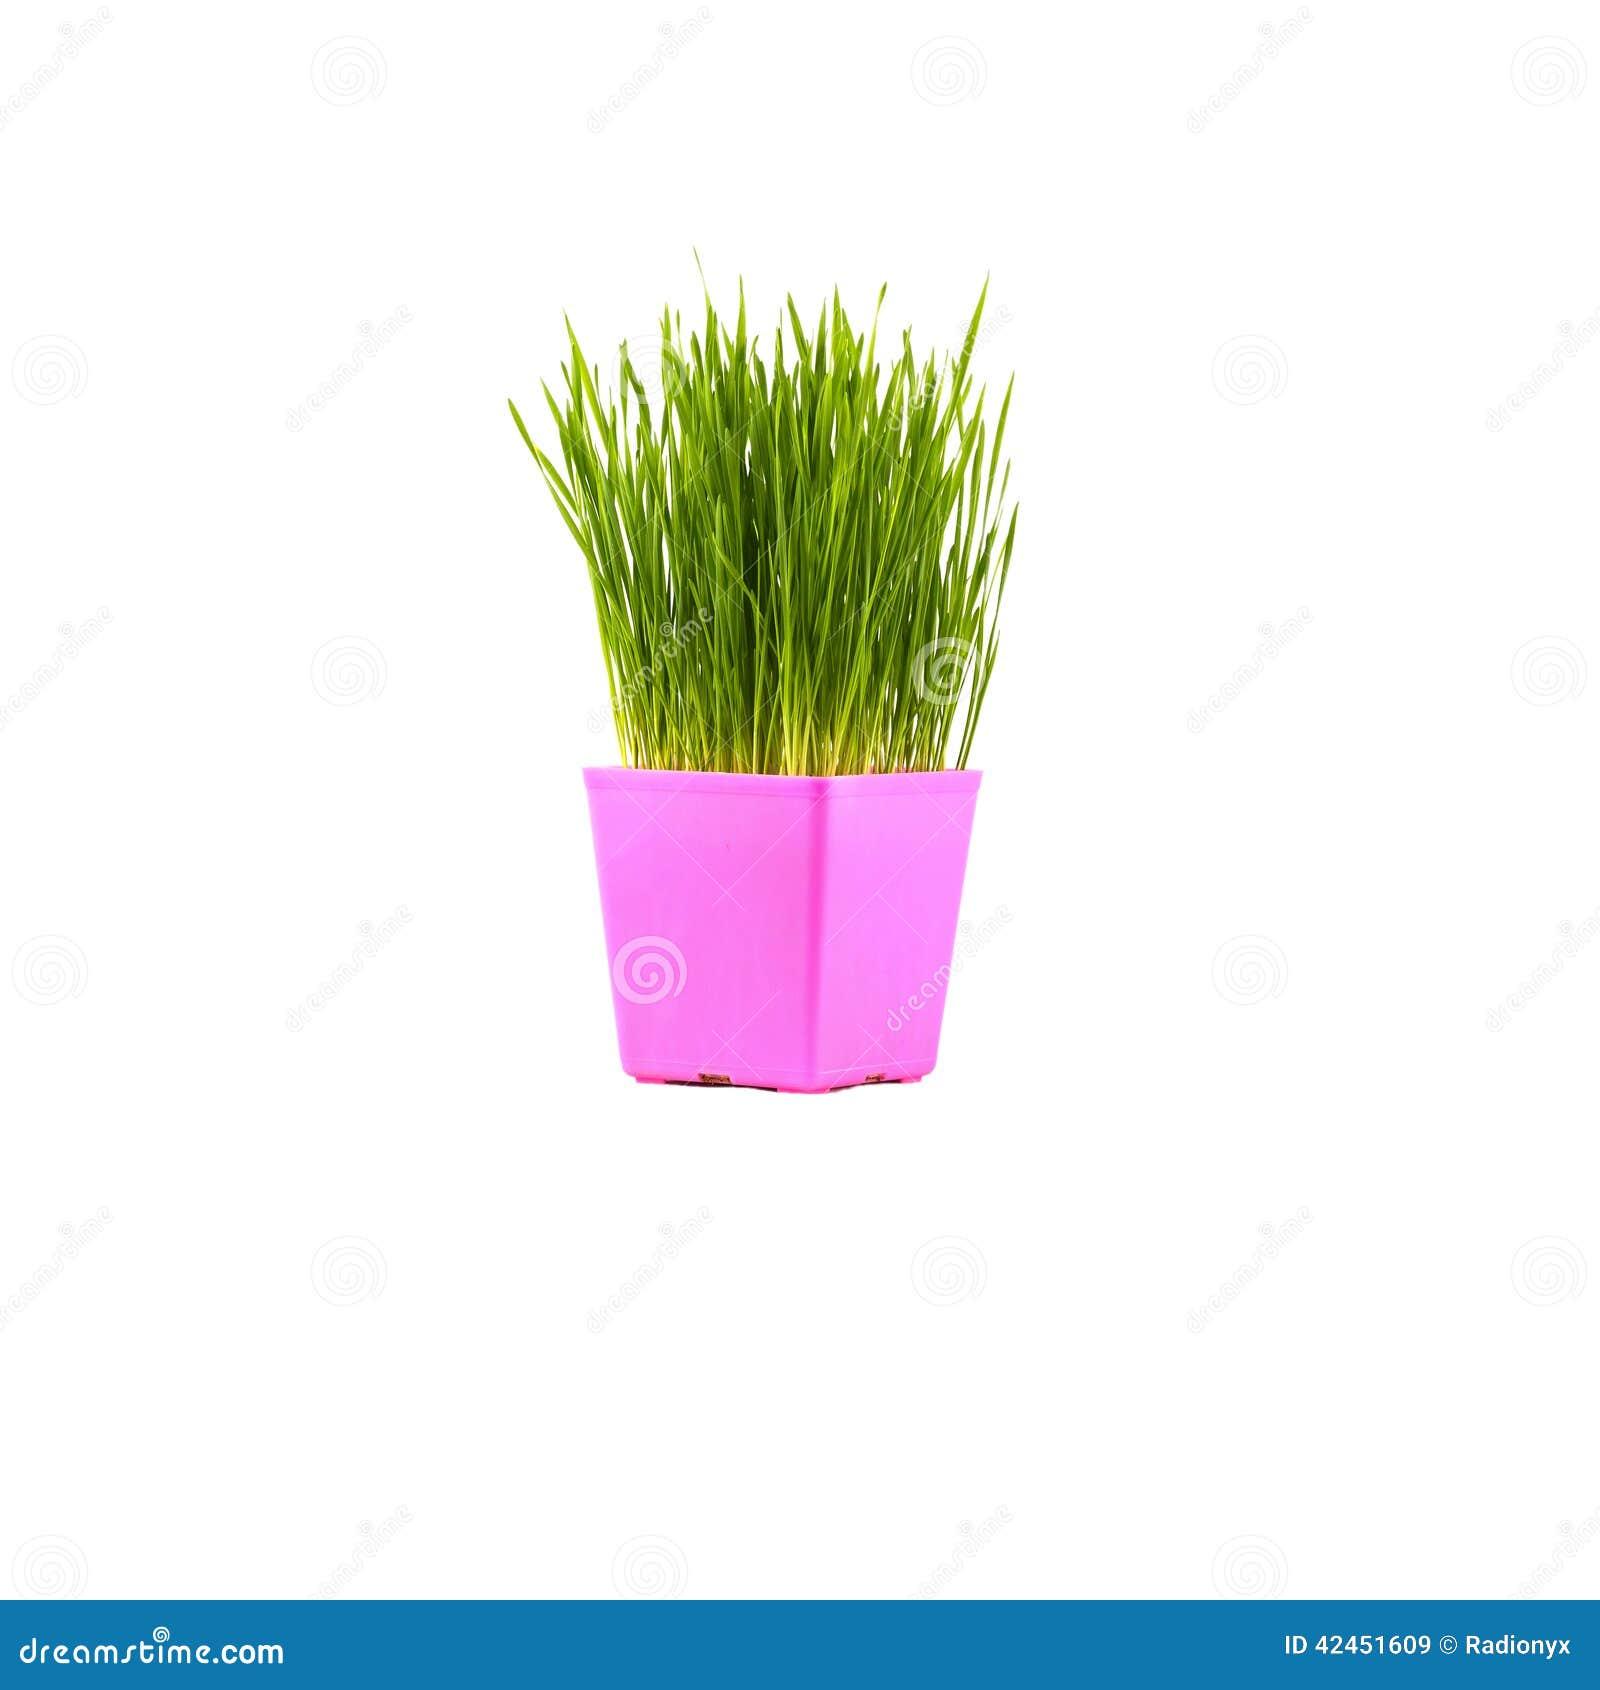 Grünes Gras im rosa Topf